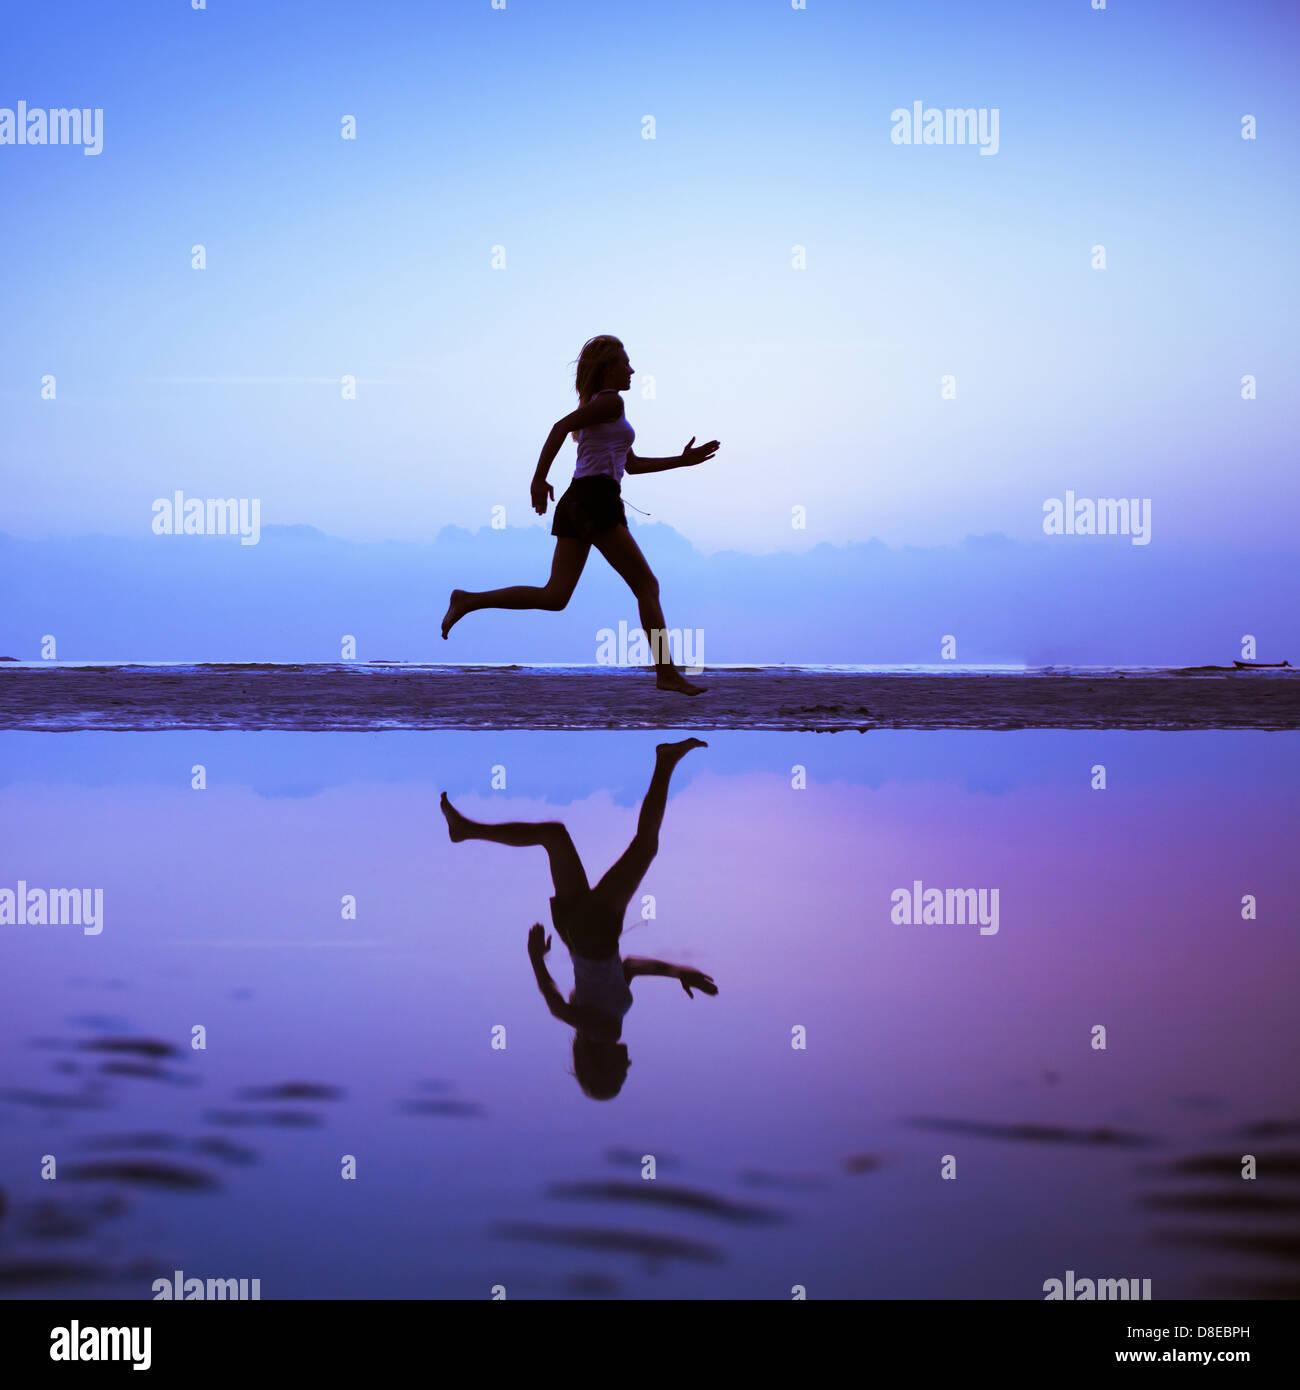 Corredoras silueta se refleja a continuación con un atardecer cielo azul como fondo Imagen De Stock